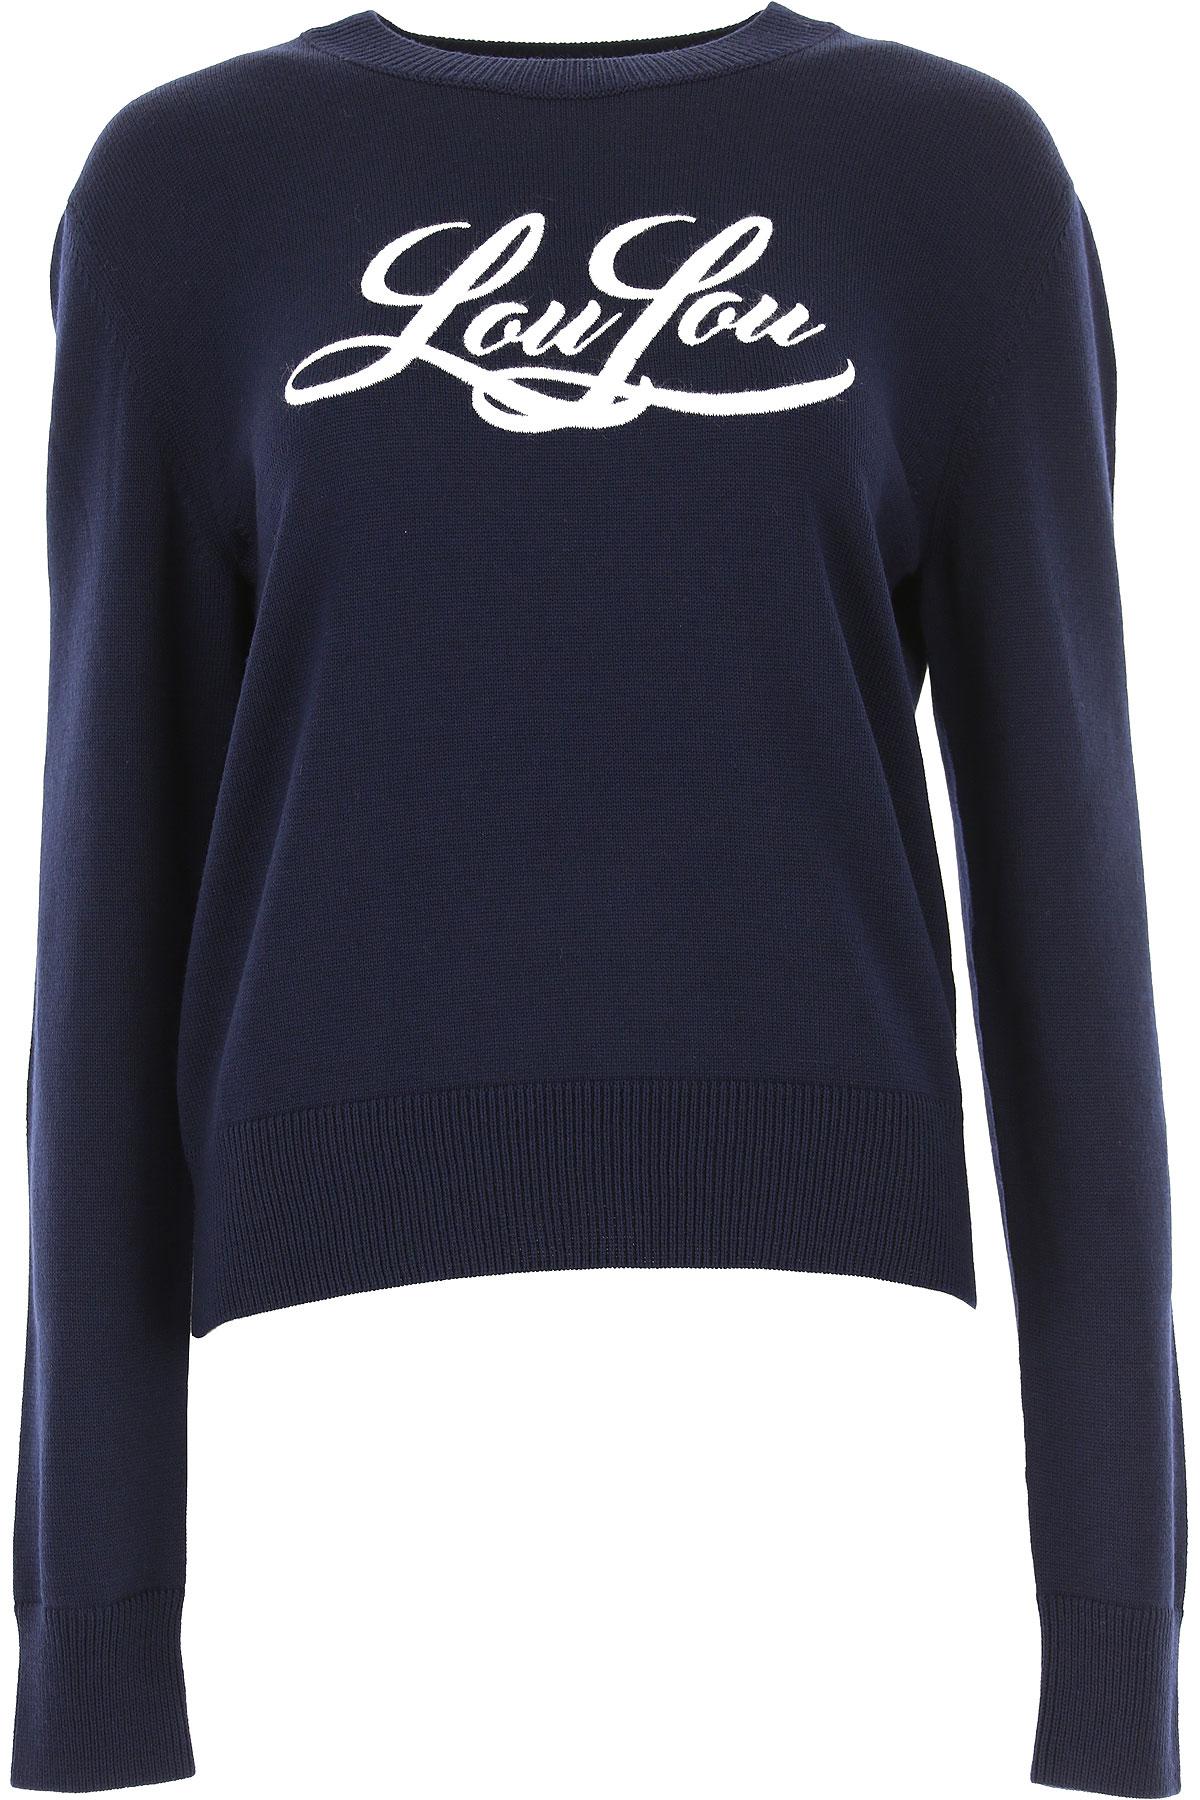 Yves Saint Laurent Pullover für Damen, Pulli Günstig im Outlet Sale, Dunkles Nachtblau, Wolle, 2019, 40 44 M